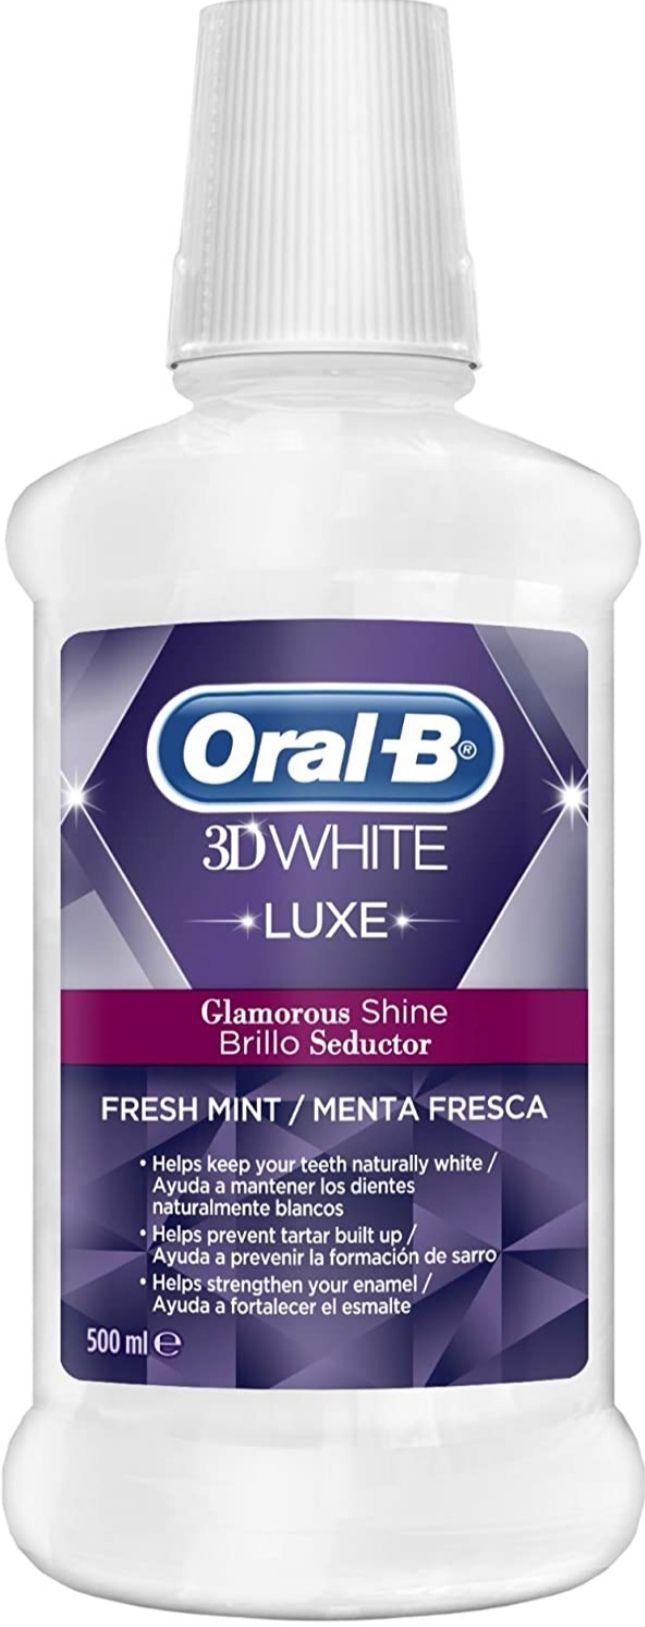 Oral B Colutorio 3Dw Luxe Brillo, 500 ml, Menta fresca